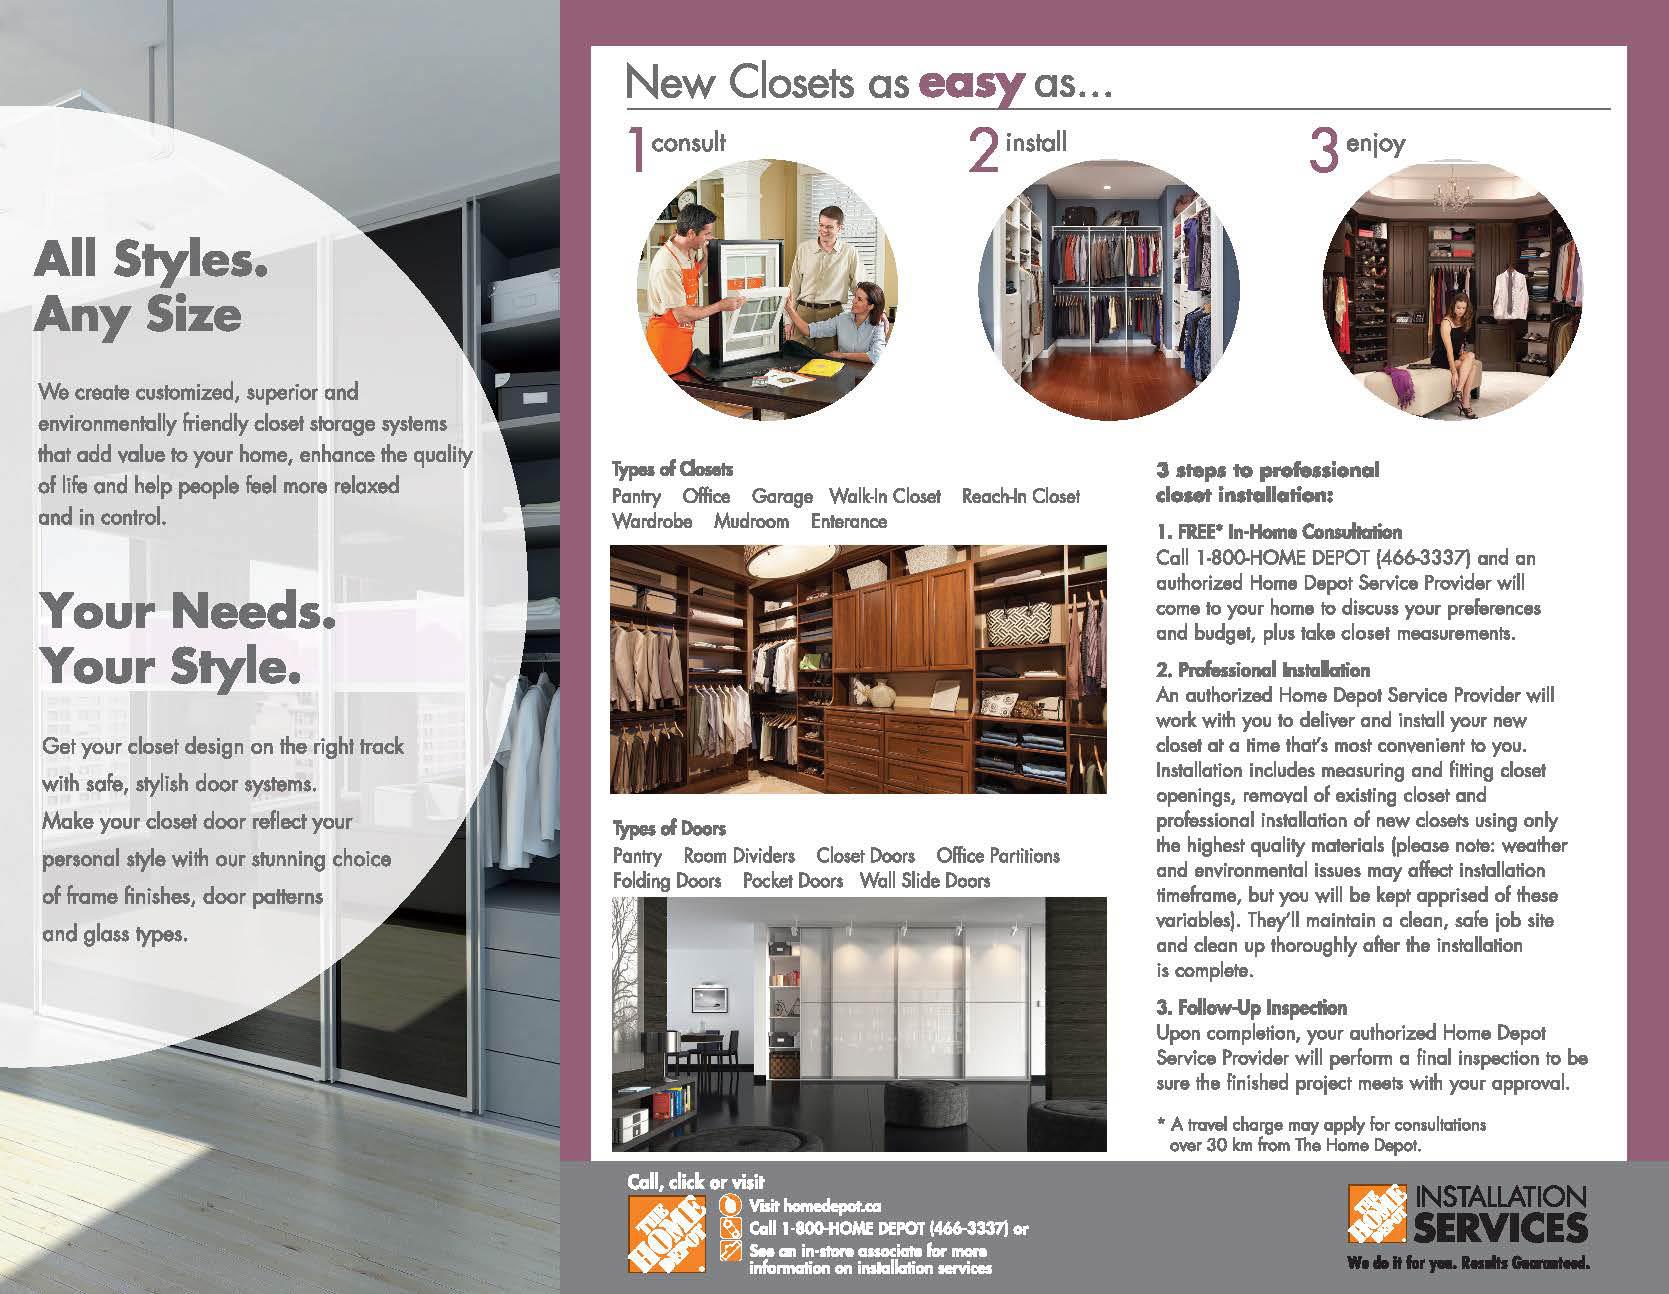 Home Depot Custom Closet Brochure Design on Behance